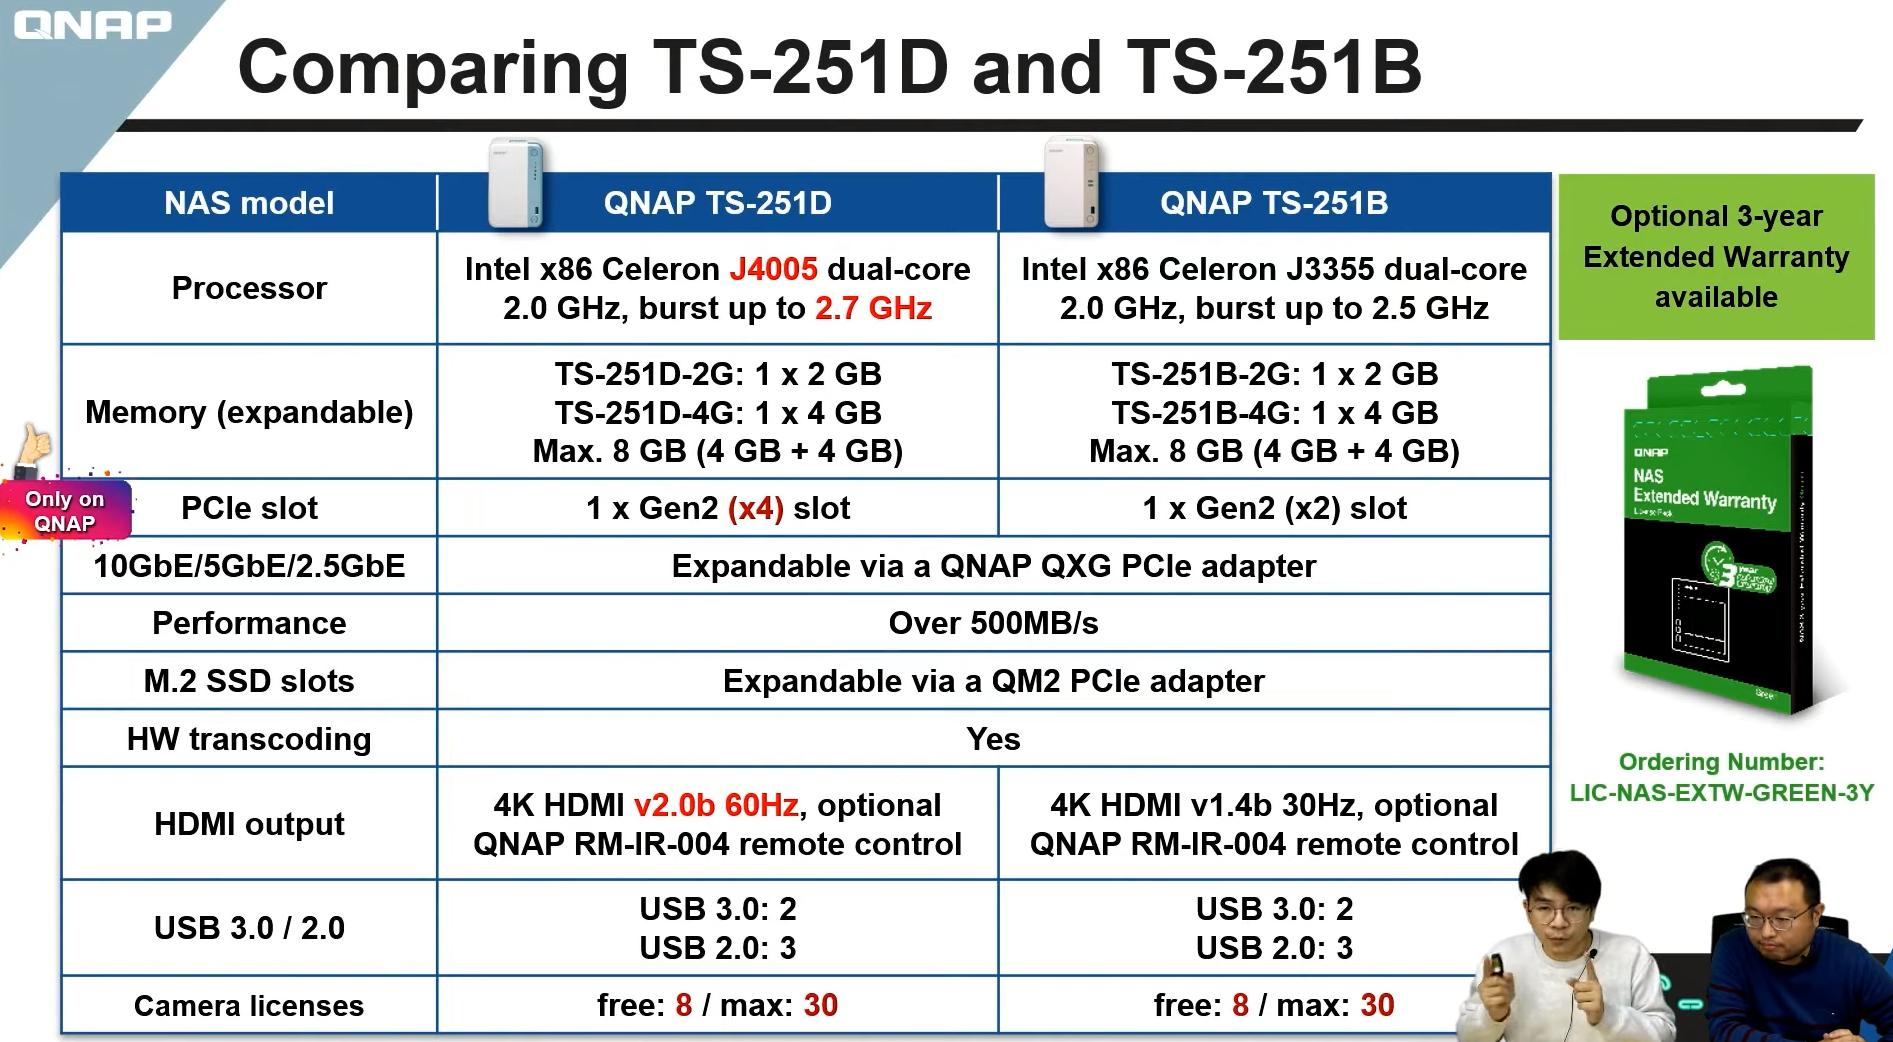 QNAP TS-251D